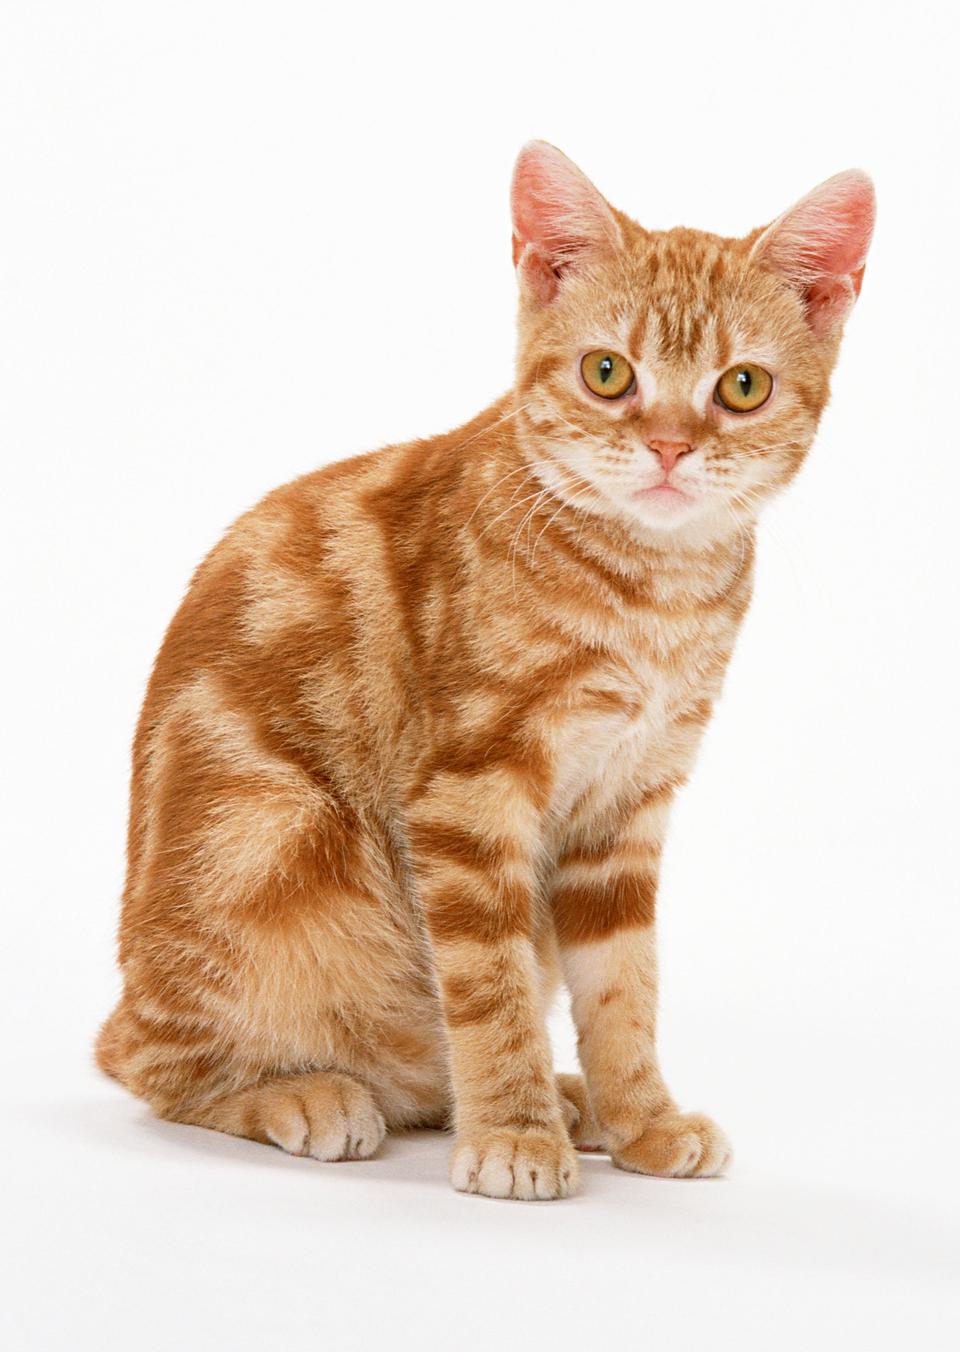 孤立した背景の上の赤い小さな猫